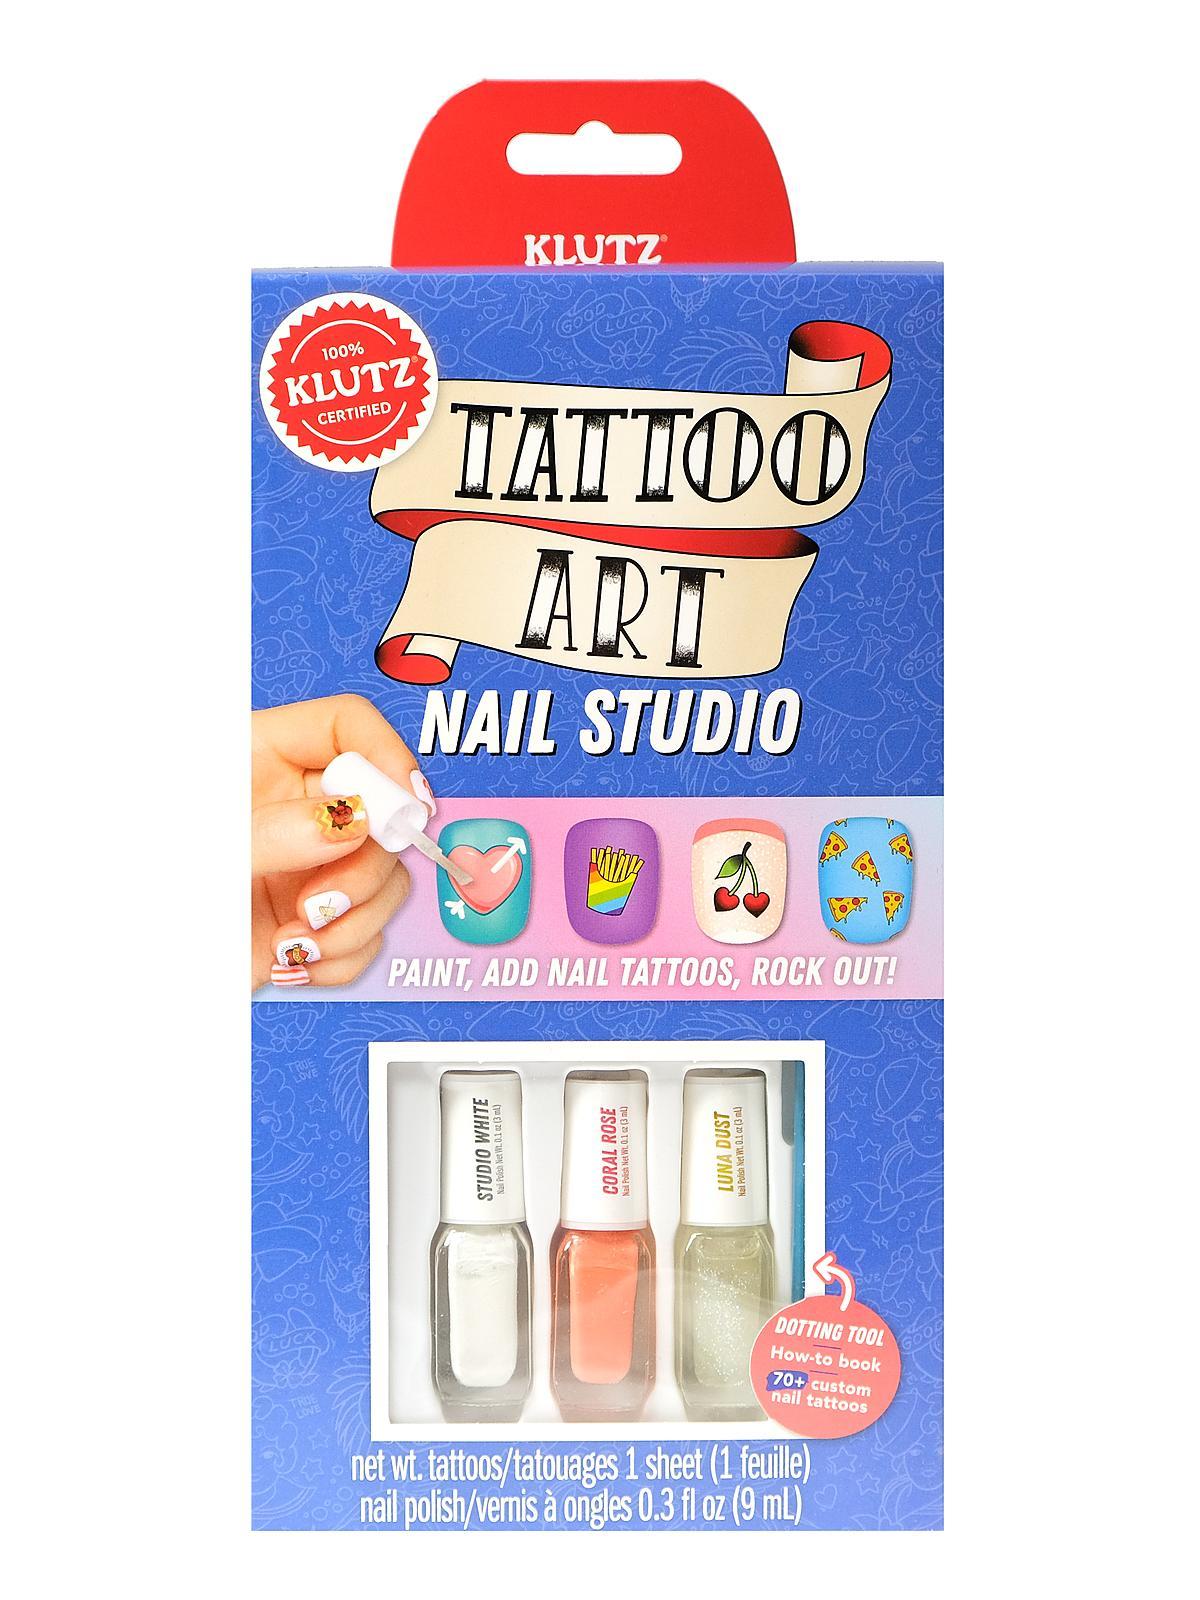 Klutz - Tattoo Art